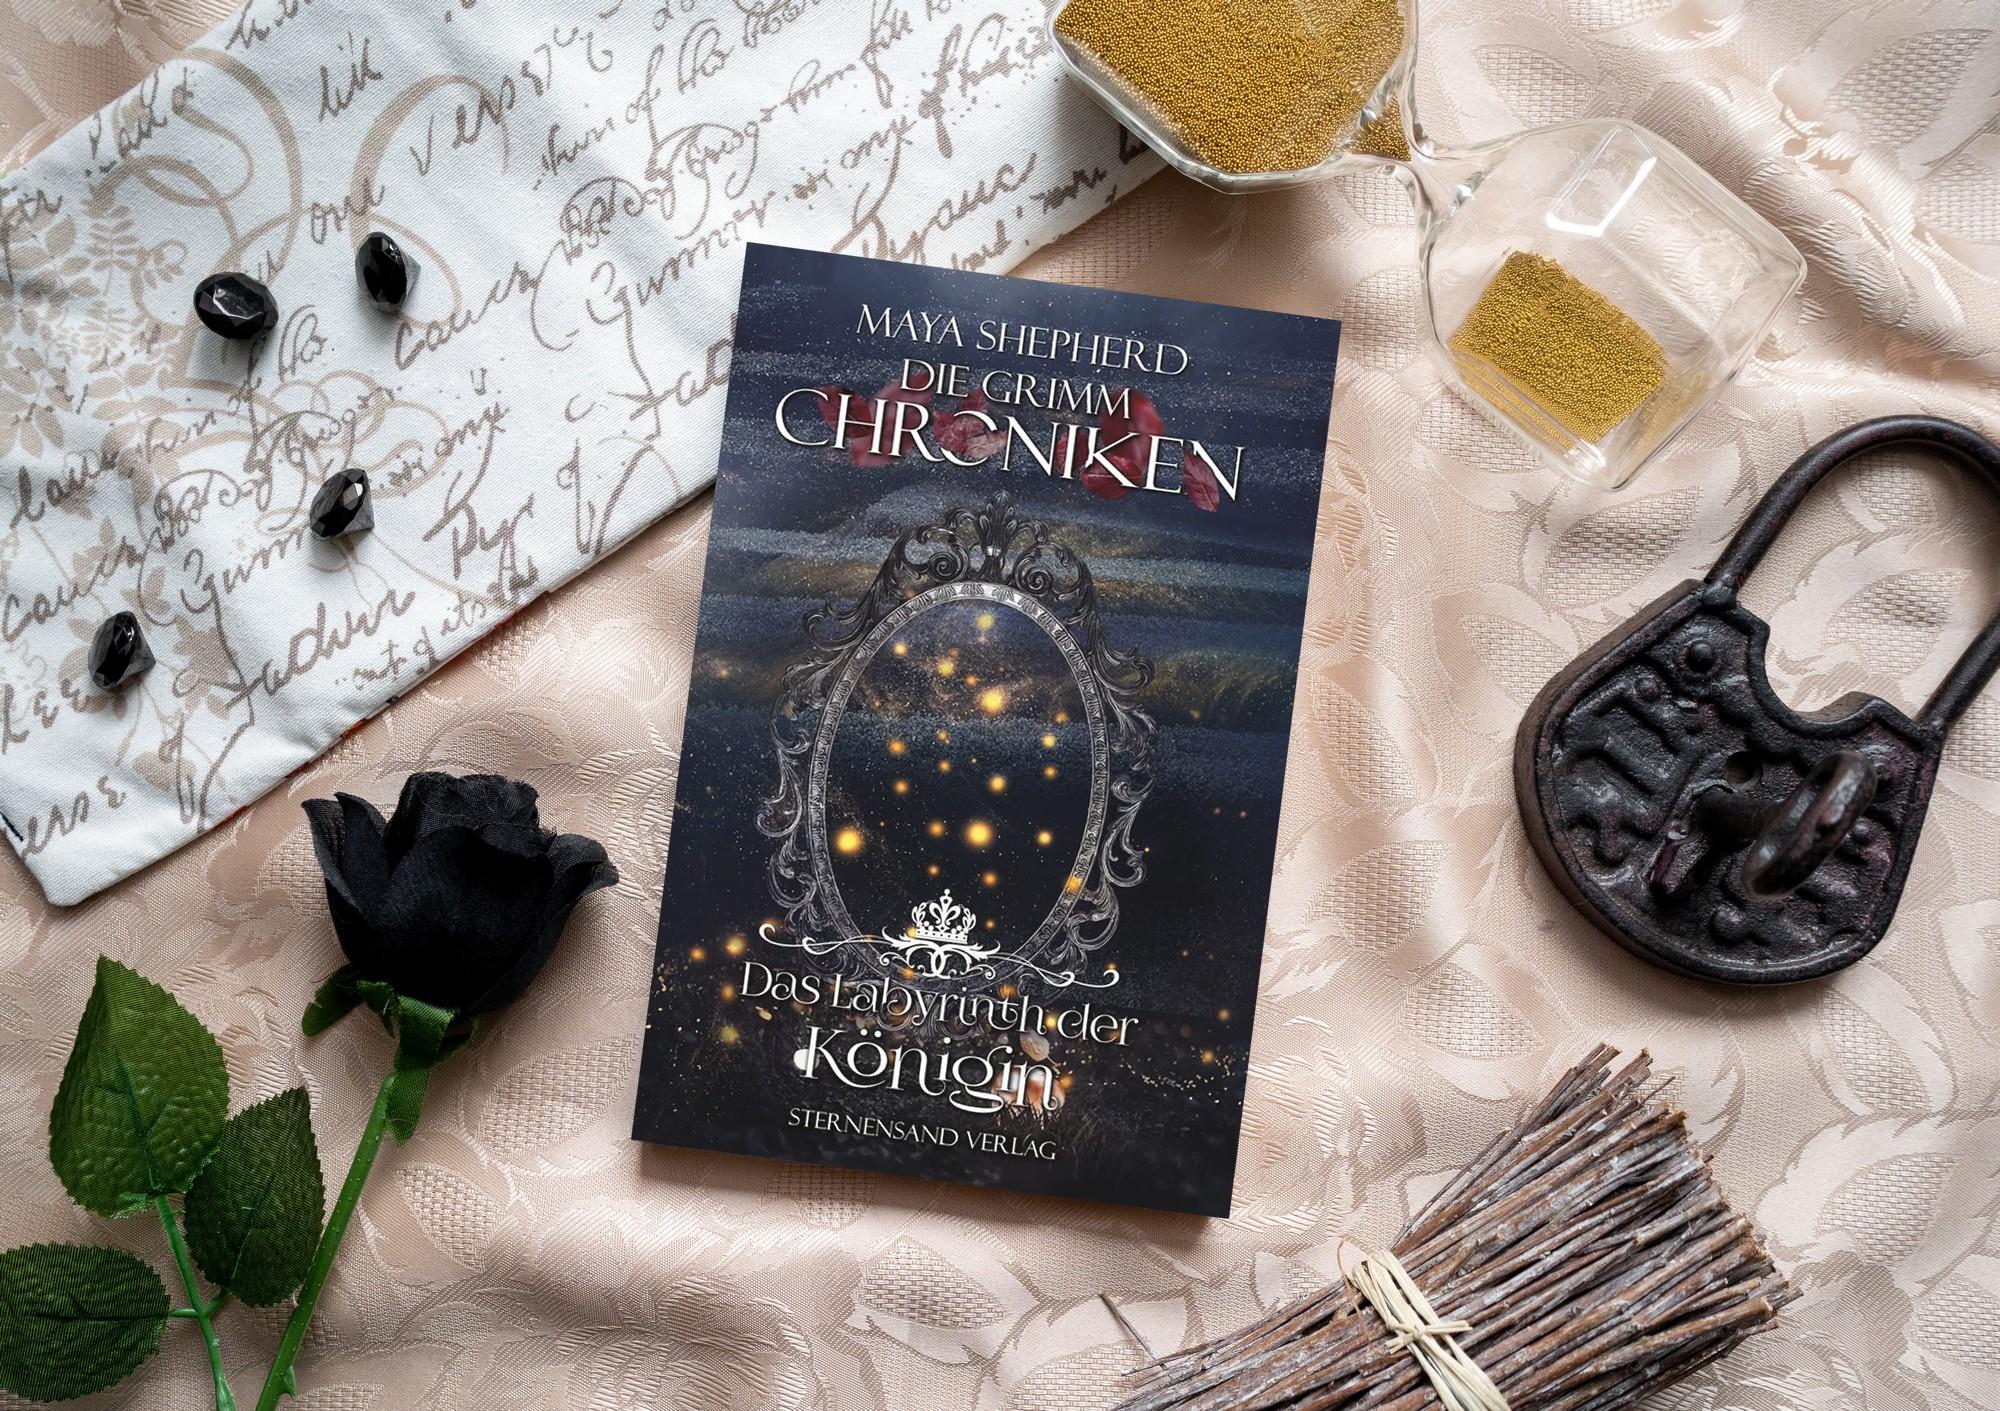 Die Grimm-Chroniken: Das Labyrinth der Königin – Maya Shepherd graphic